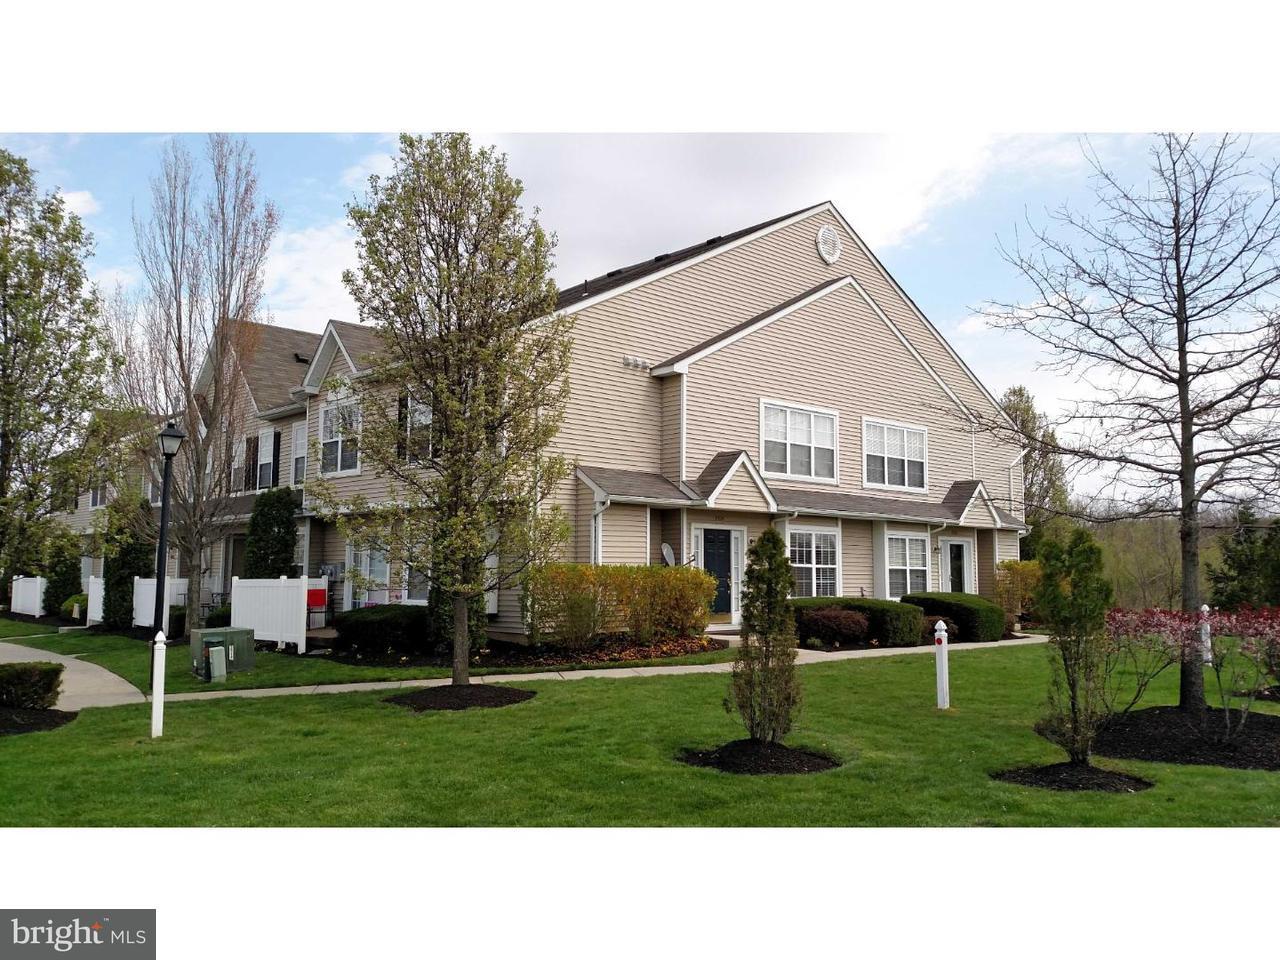 Casa unifamiliar adosada (Townhouse) por un Alquiler en 7405 BALTIMORE Drive Evesham Twp, Nueva Jersey 08053 Estados Unidos